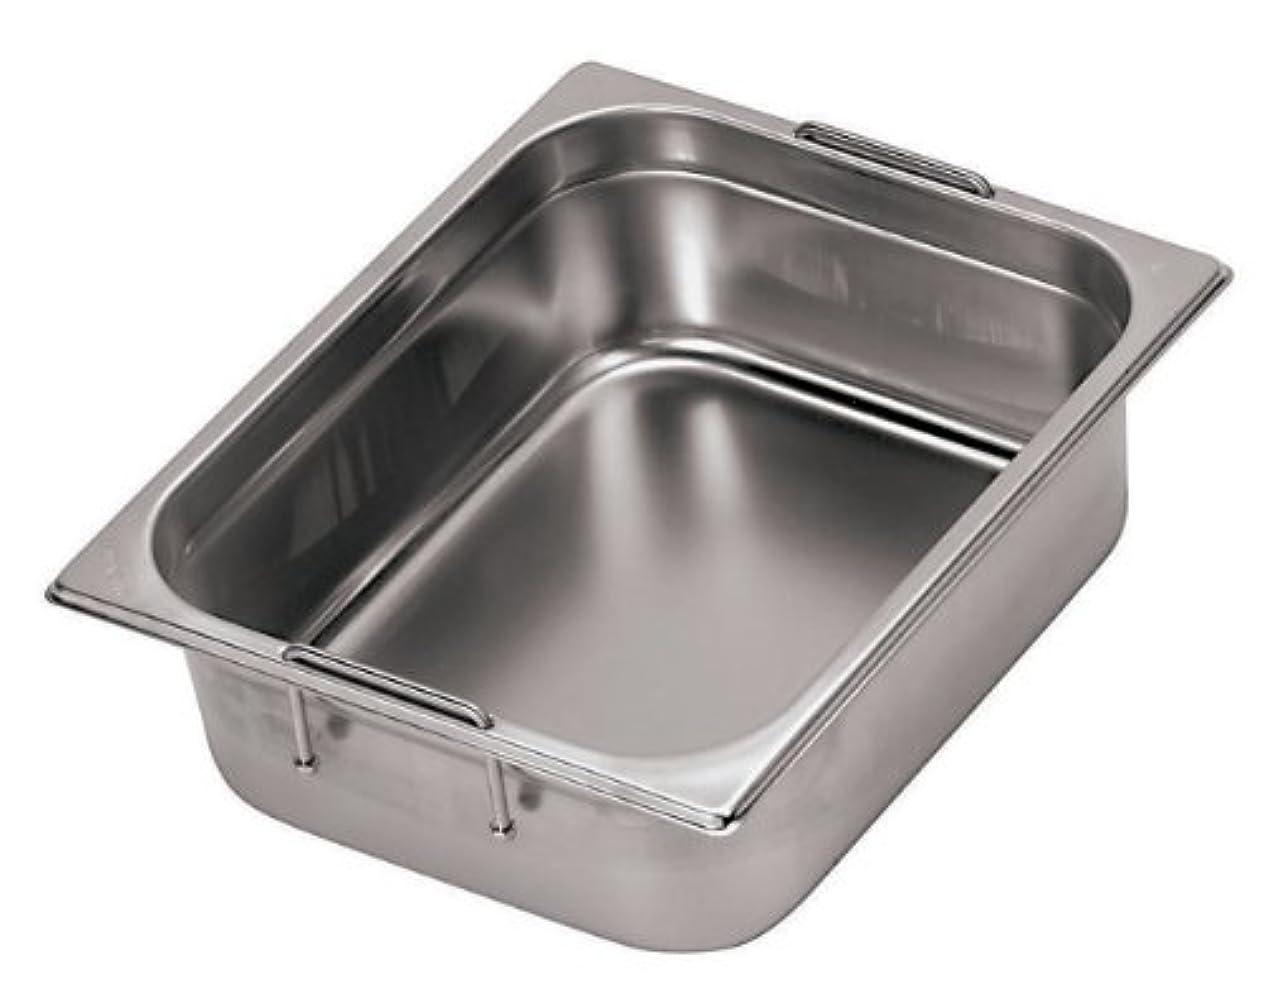 フラッシュのように素早く頭配るWorld-Cuisine 14159-20 17.8cm by 15.9cm Stainless-Steel Hotel Pan with Retractable